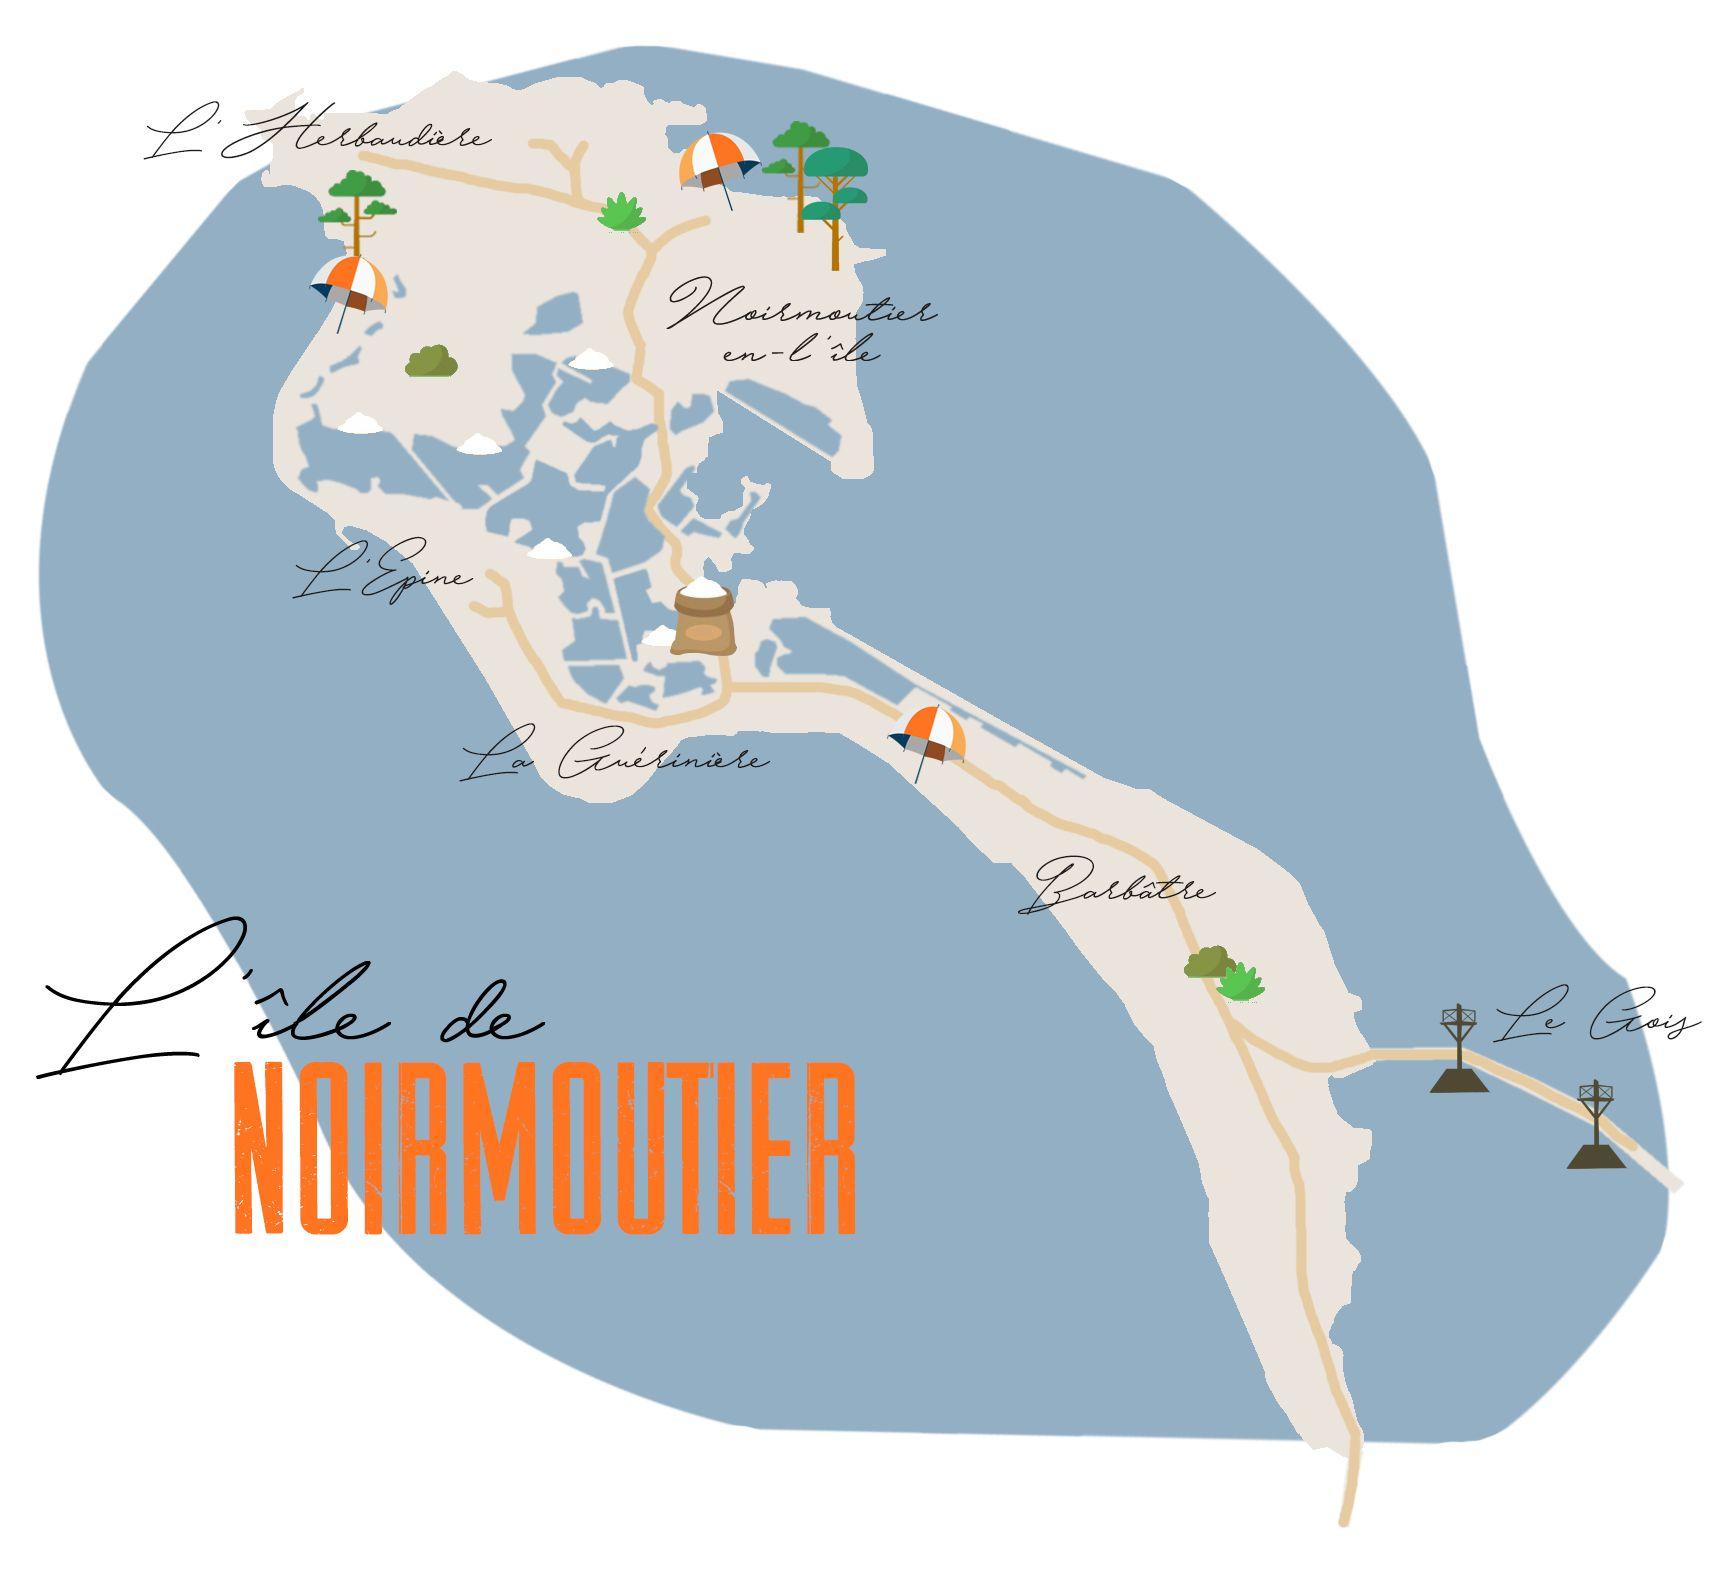 carte-de-noirmoutier-v2-le-carnet-a-pois | Ile de noirmoutier, Noirmoutier, Noirmoutier carte